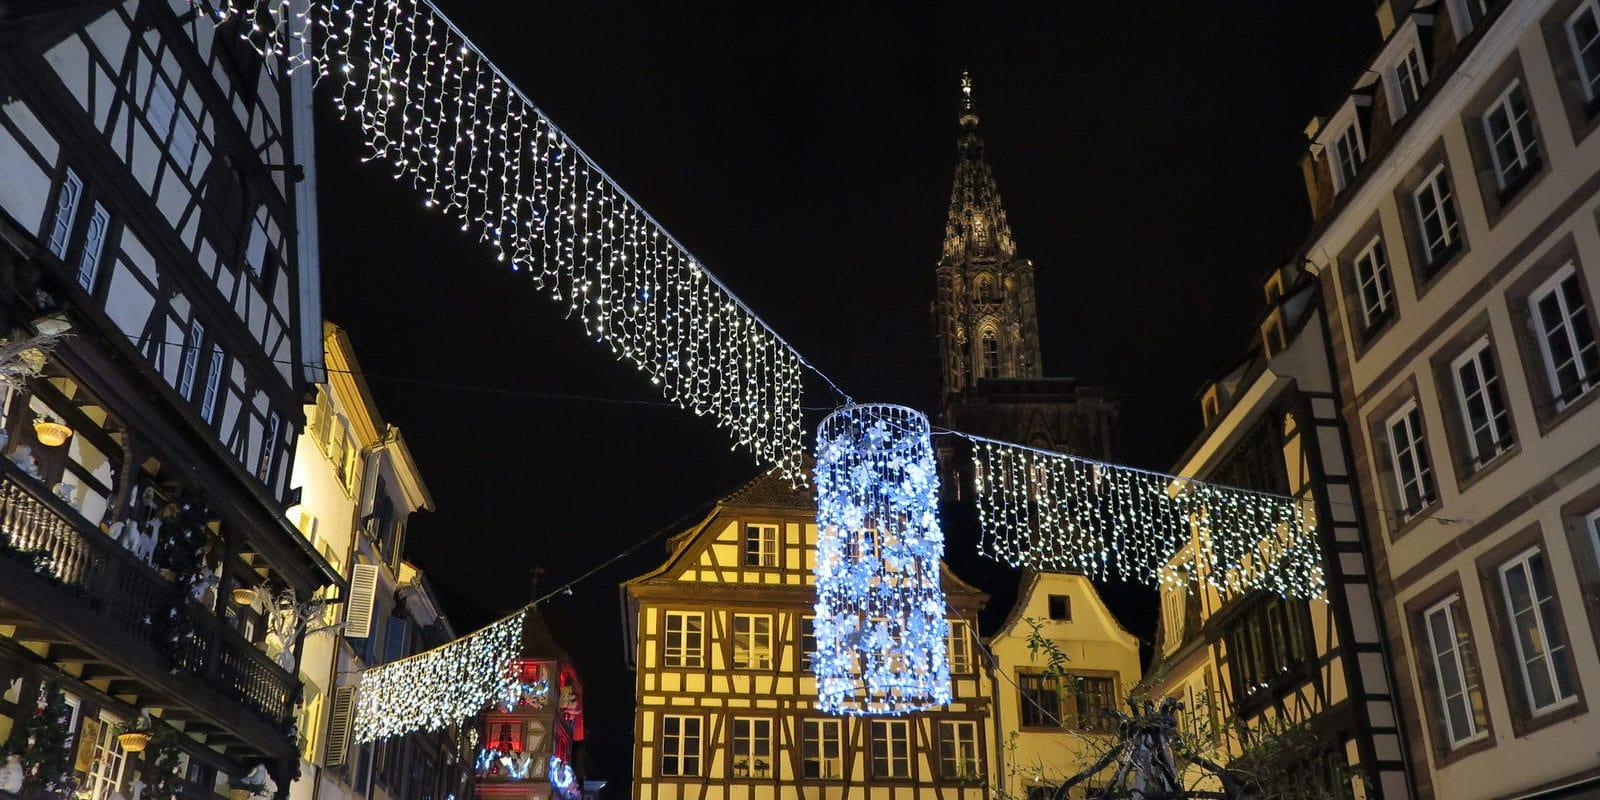 Strasbourg va continuer de subventionner la moitié des Illuminations de Noël